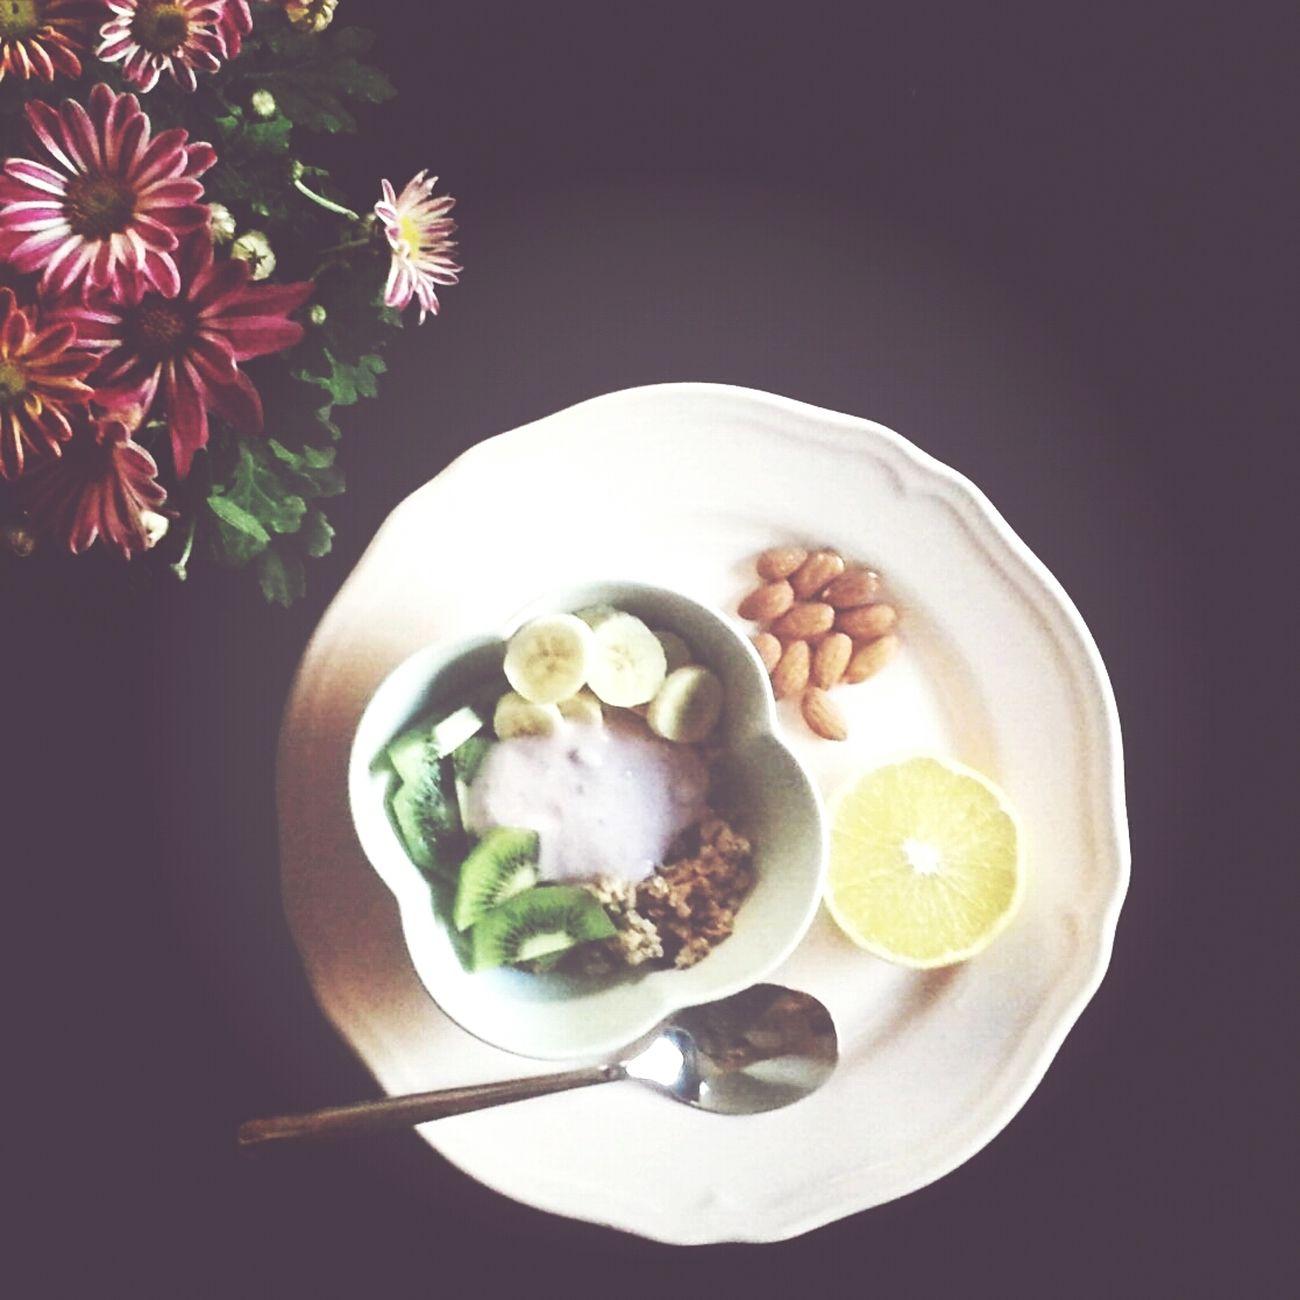 Healthy Breakfast So Yummy In My Tummy (: